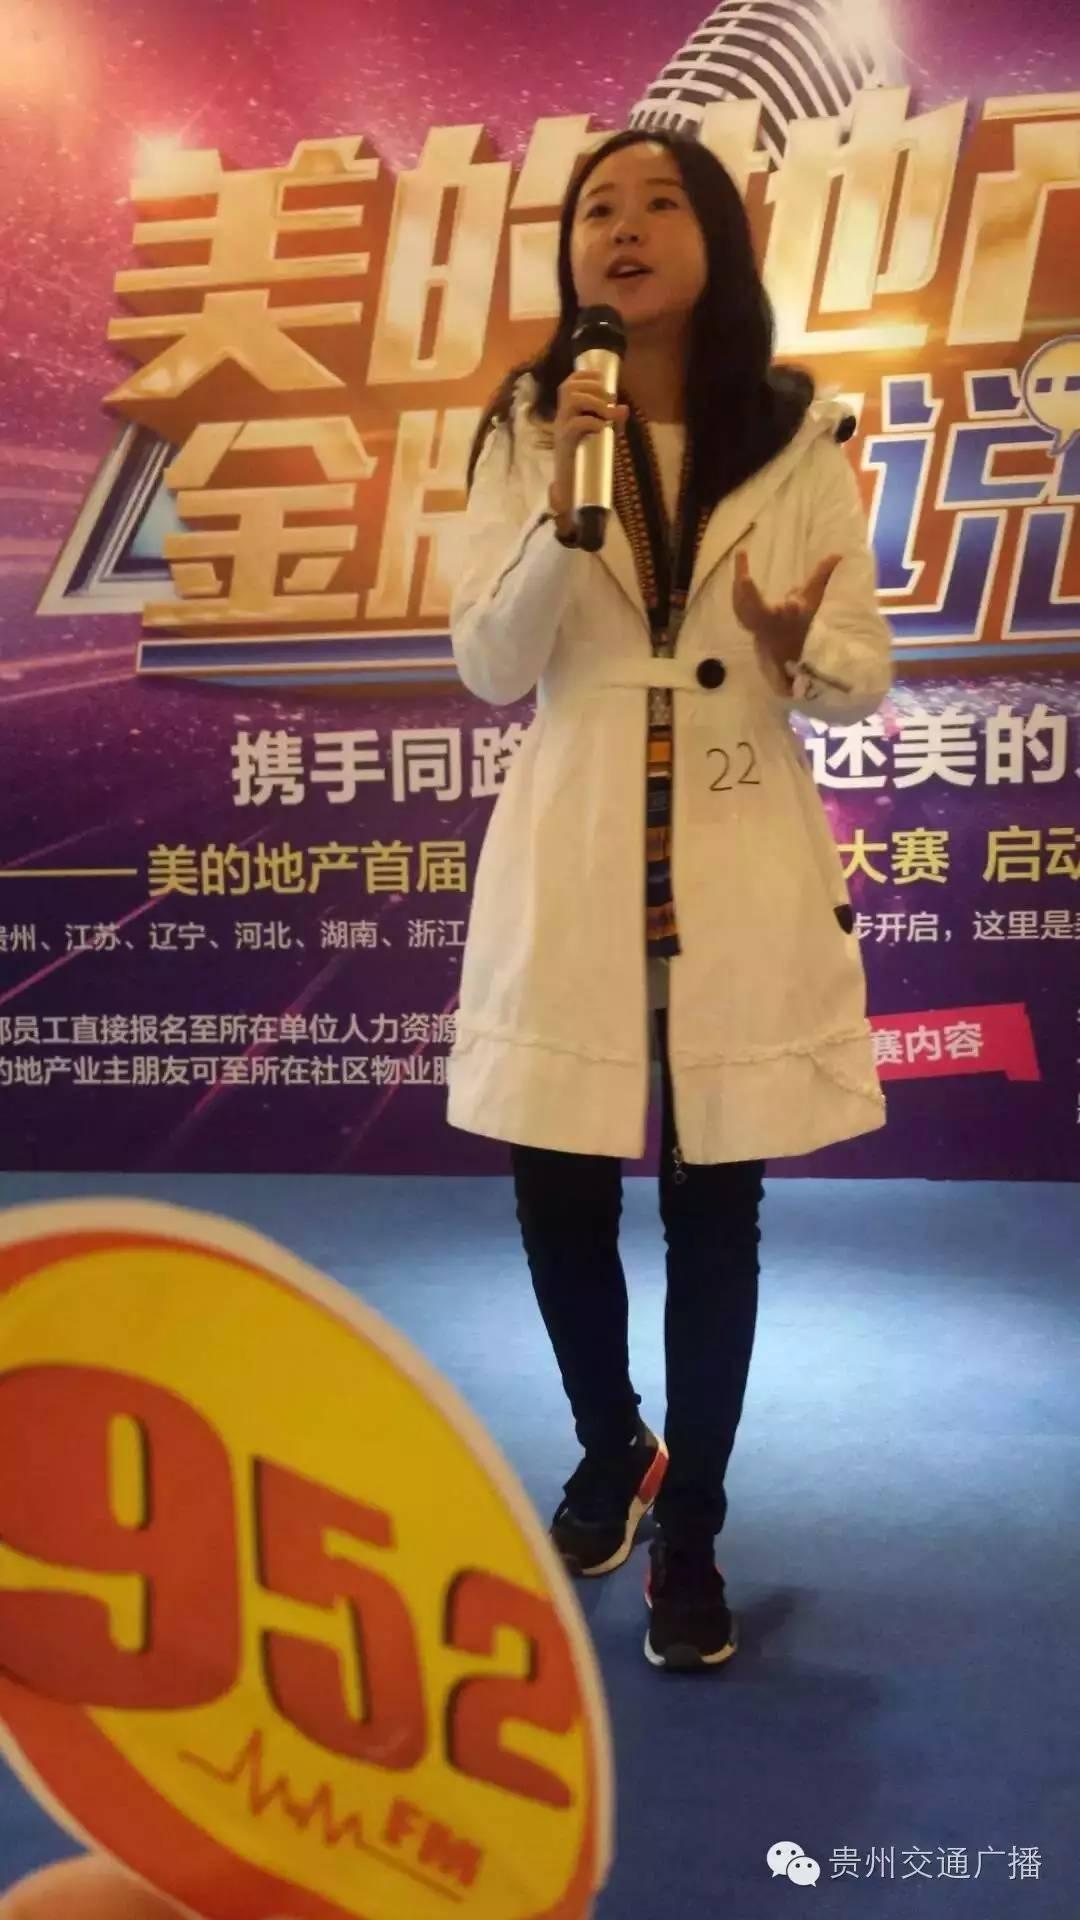 鼓起金牌,每一个人都是勇气v金牌家!-搜狐茂名市高中图片